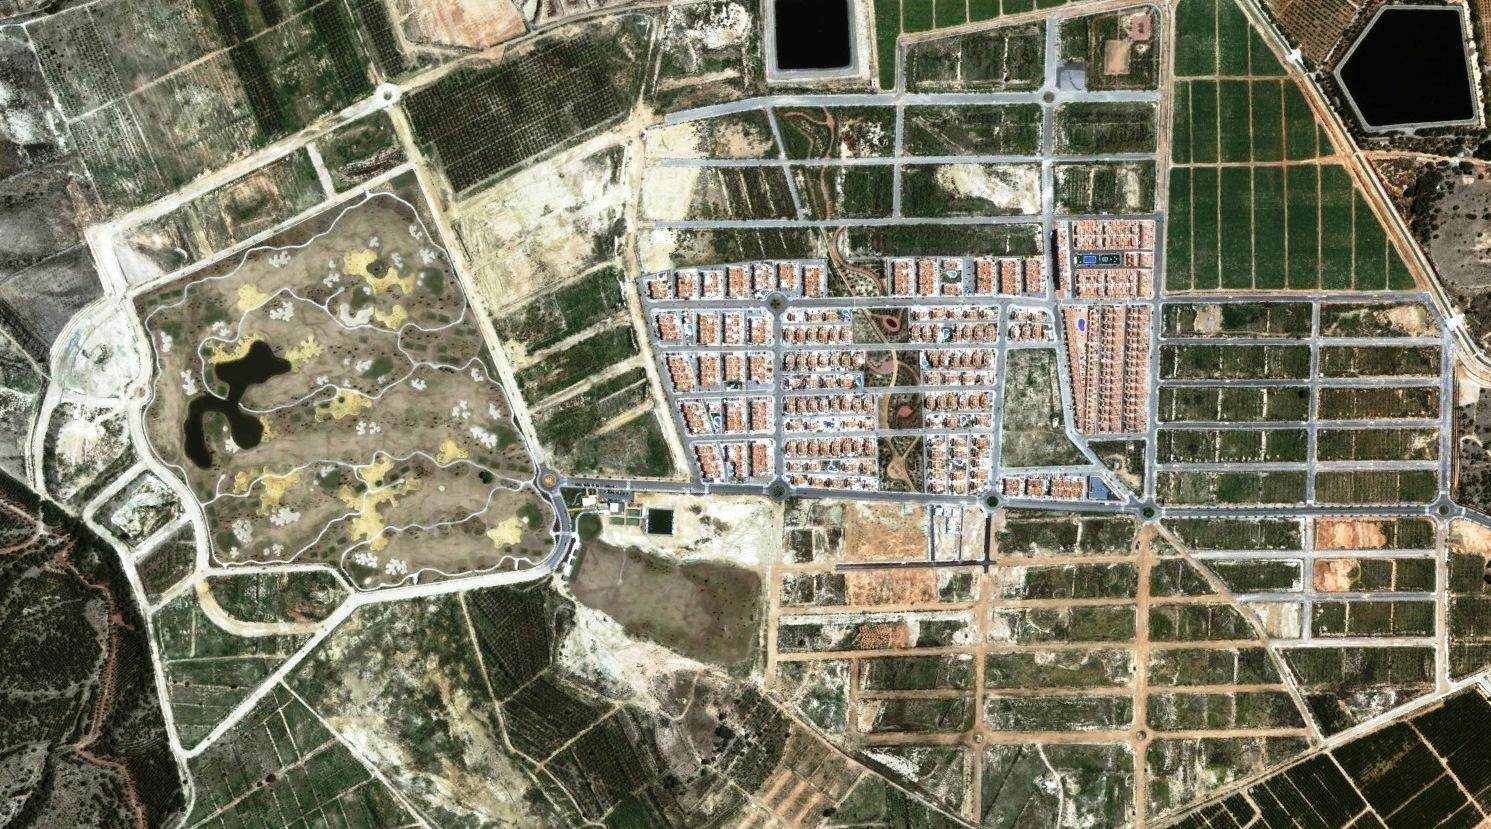 después, urbanismo, foto aérea,desastre, urbanístico, planeamiento, urbano, construcción,Vistabella, Alicante